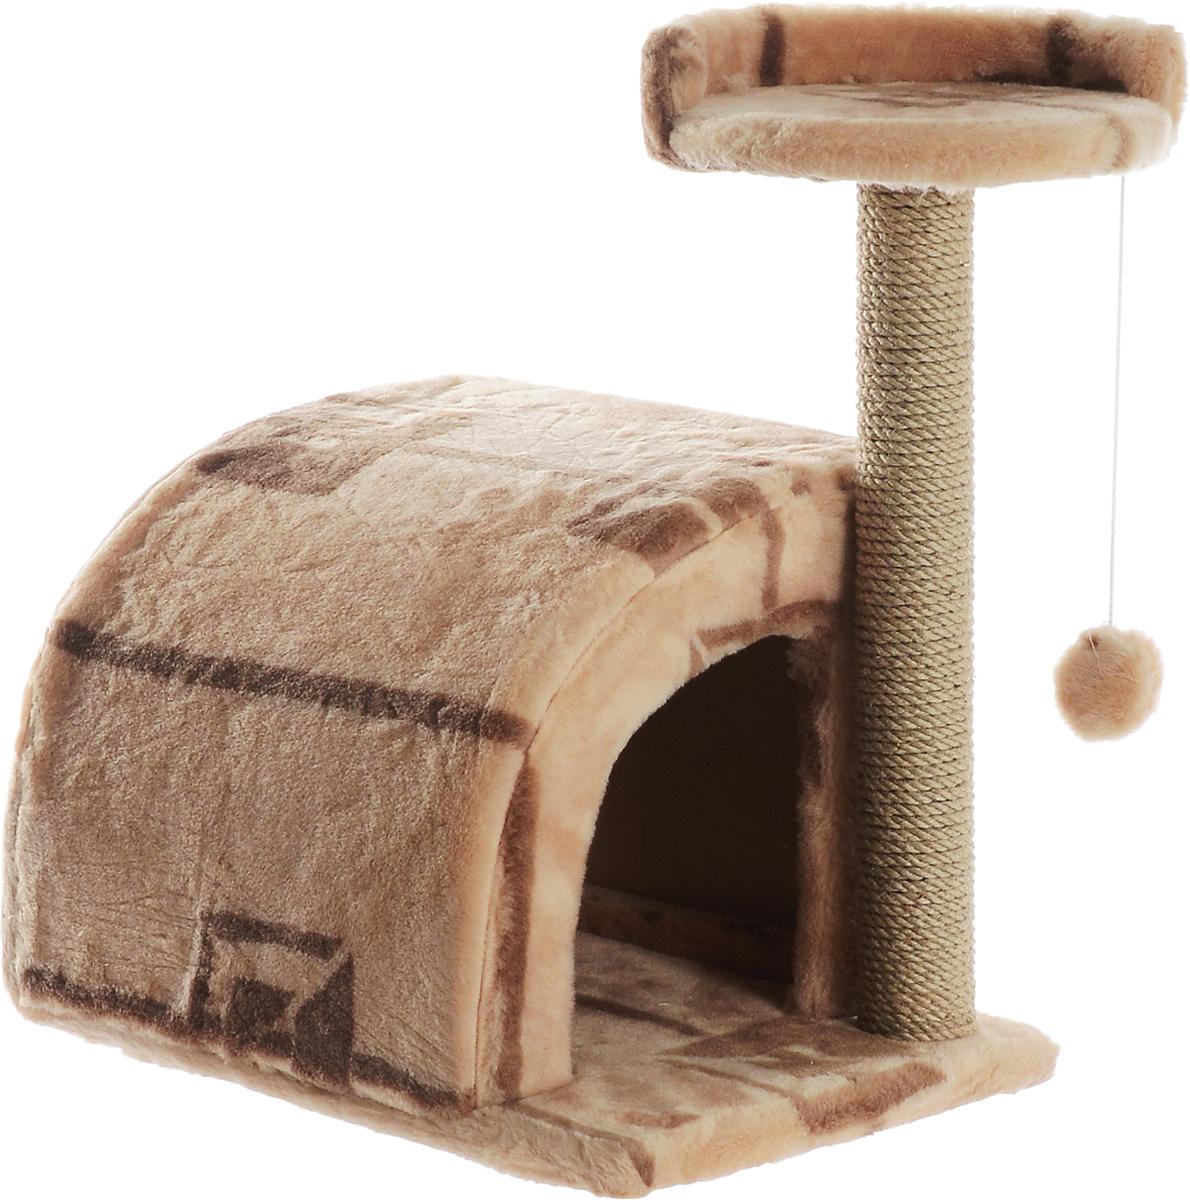 Домик-когтеточка Меридиан, полукруглый, цвет: бежевый, коричневый, 54 х 40 х 59 смД518ГДомик-когтеточка Меридиан выполнен из высококачественного ДВП и ДСП и обтянут искусственным мехом. Изделие предназначено для кошек. Ваш домашний питомец будет с удовольствием точить когти о специальный столбик, изготовленный из джута. А отдохнуть он сможет либо на полке, либо в домике. Изделие снабжено подвесной игрушкой. Домик-когтеточка Меридиан принесет пользу не только вашему питомцу, но и вам, так как он сохранит мебель от когтей и шерсти.Общий размер: 54 х 40 х 59 см.Размер домика: 36 х 36 х 32 см.Размер полки: 27 х 26 см.